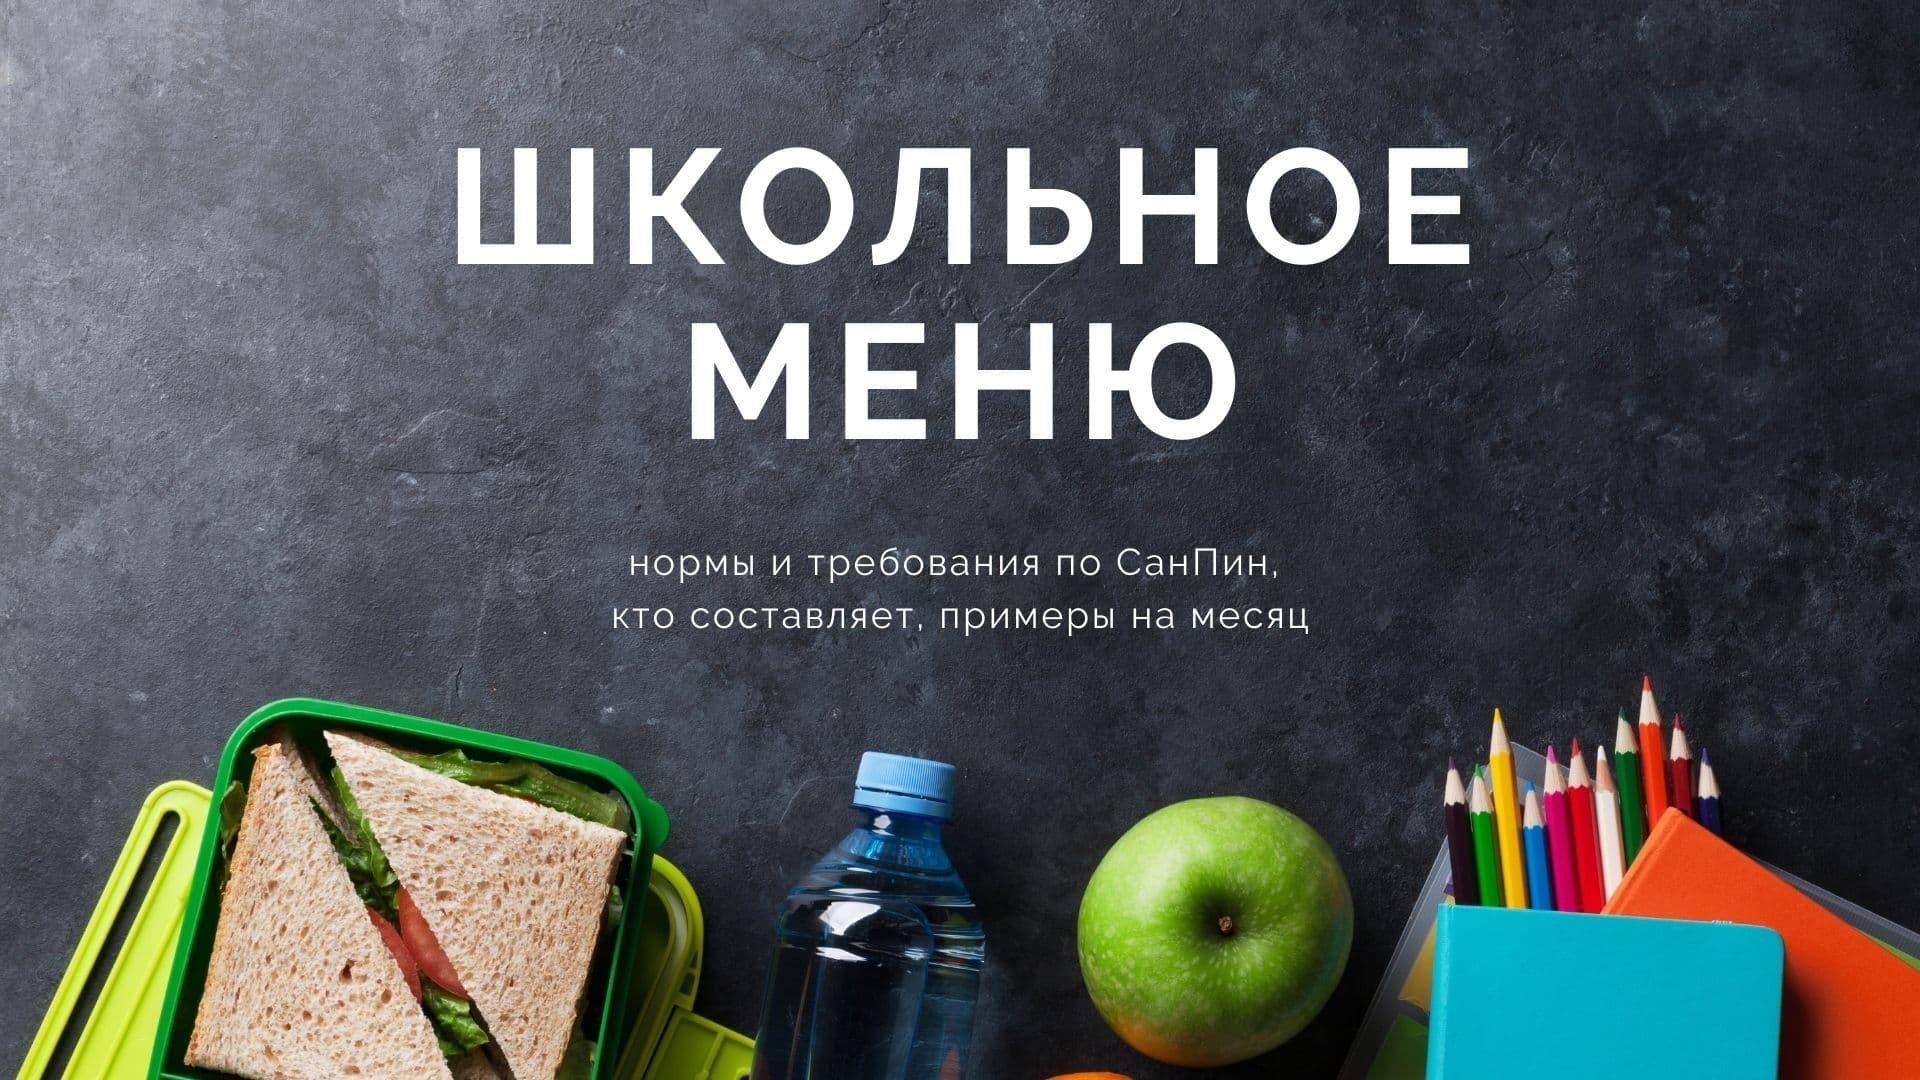 Школьное меню: нормы и требования по СанПин, кто составляет, примеры на месяц